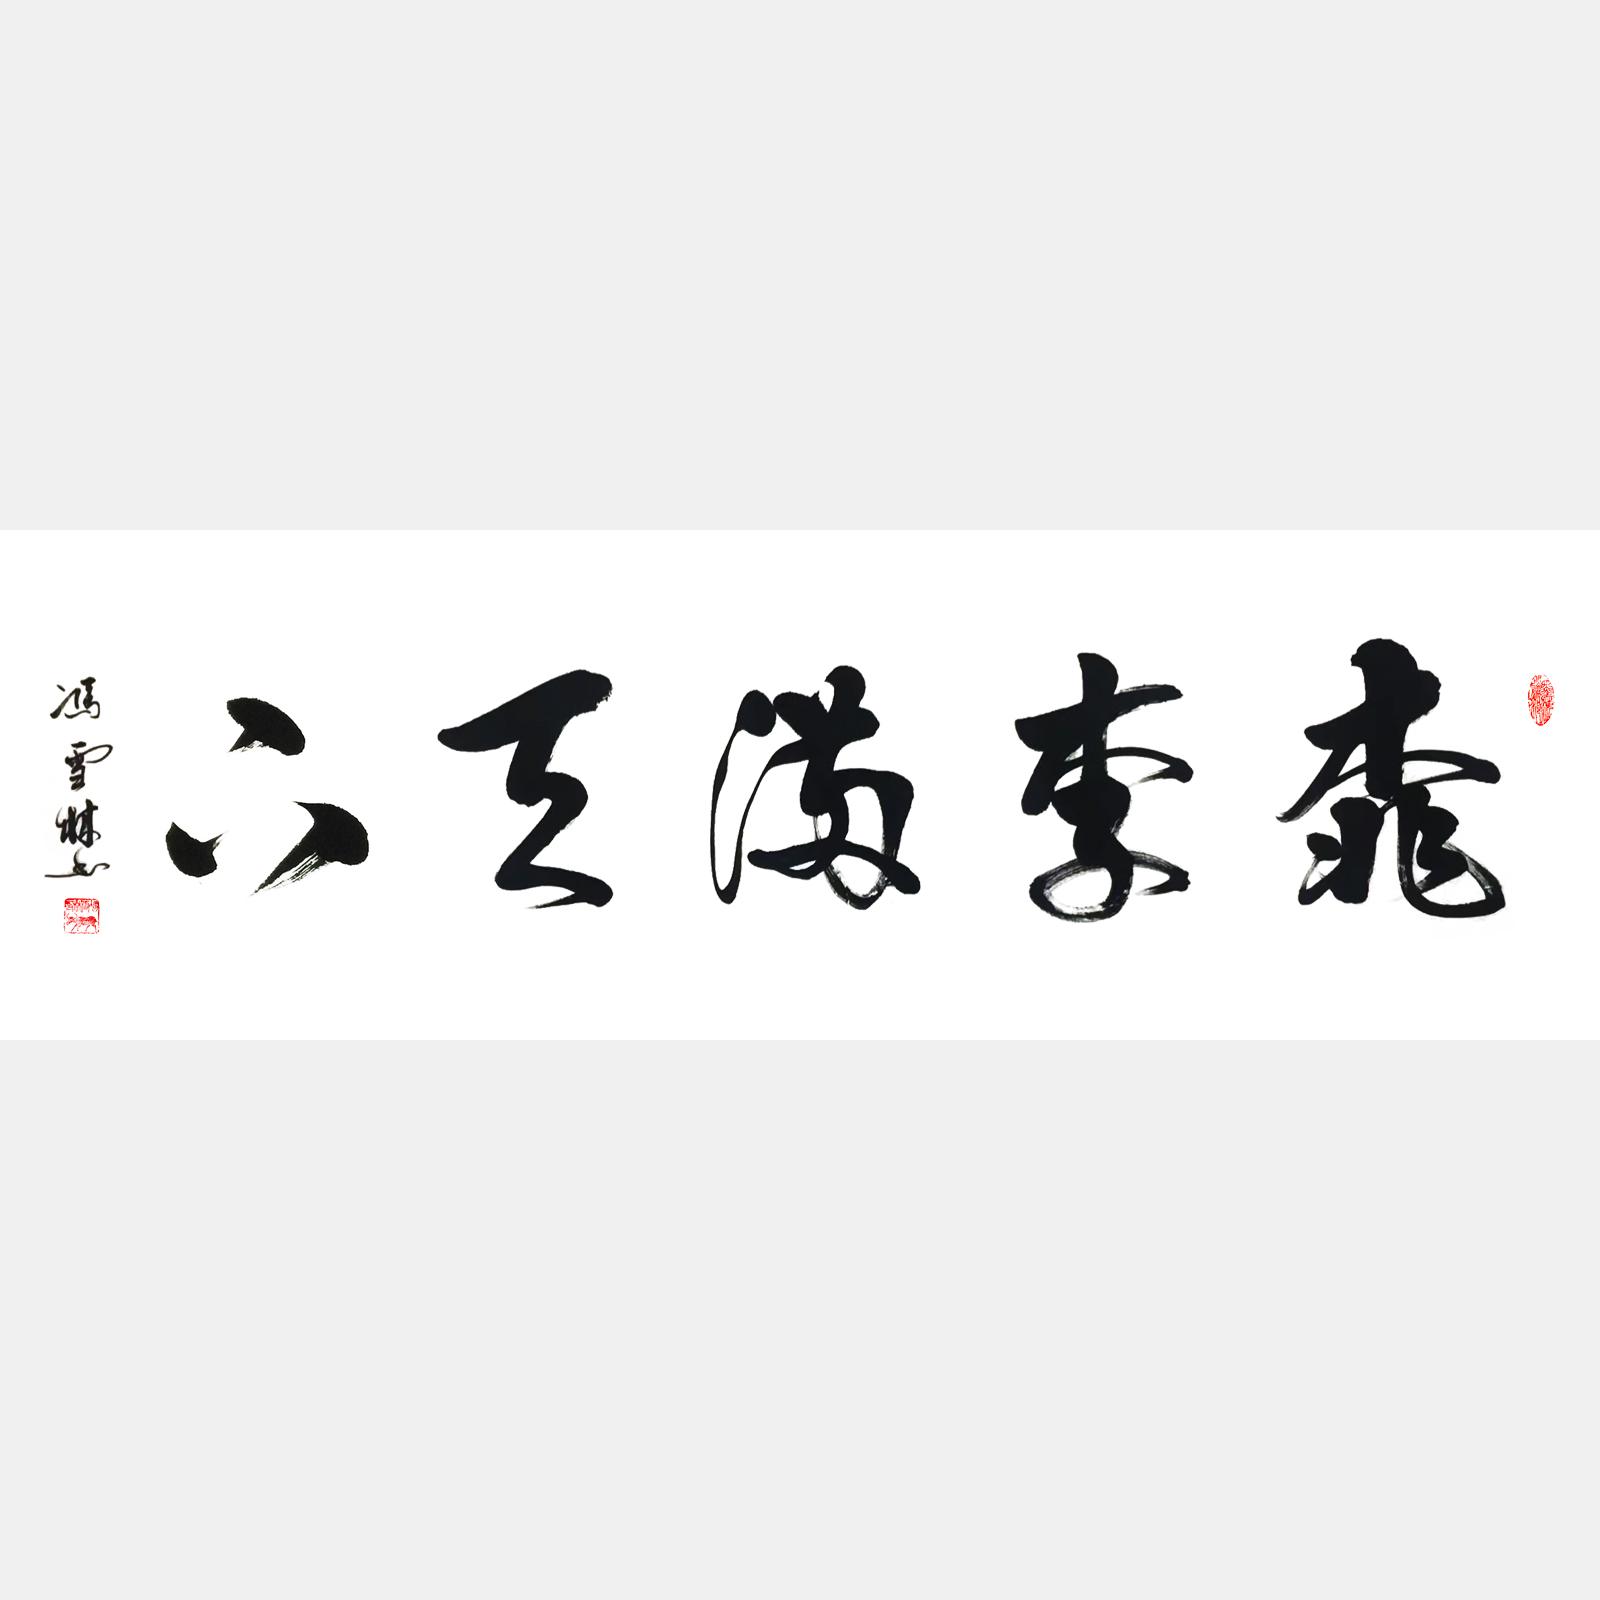 桃李满天下 行草书法字画 四尺横幅